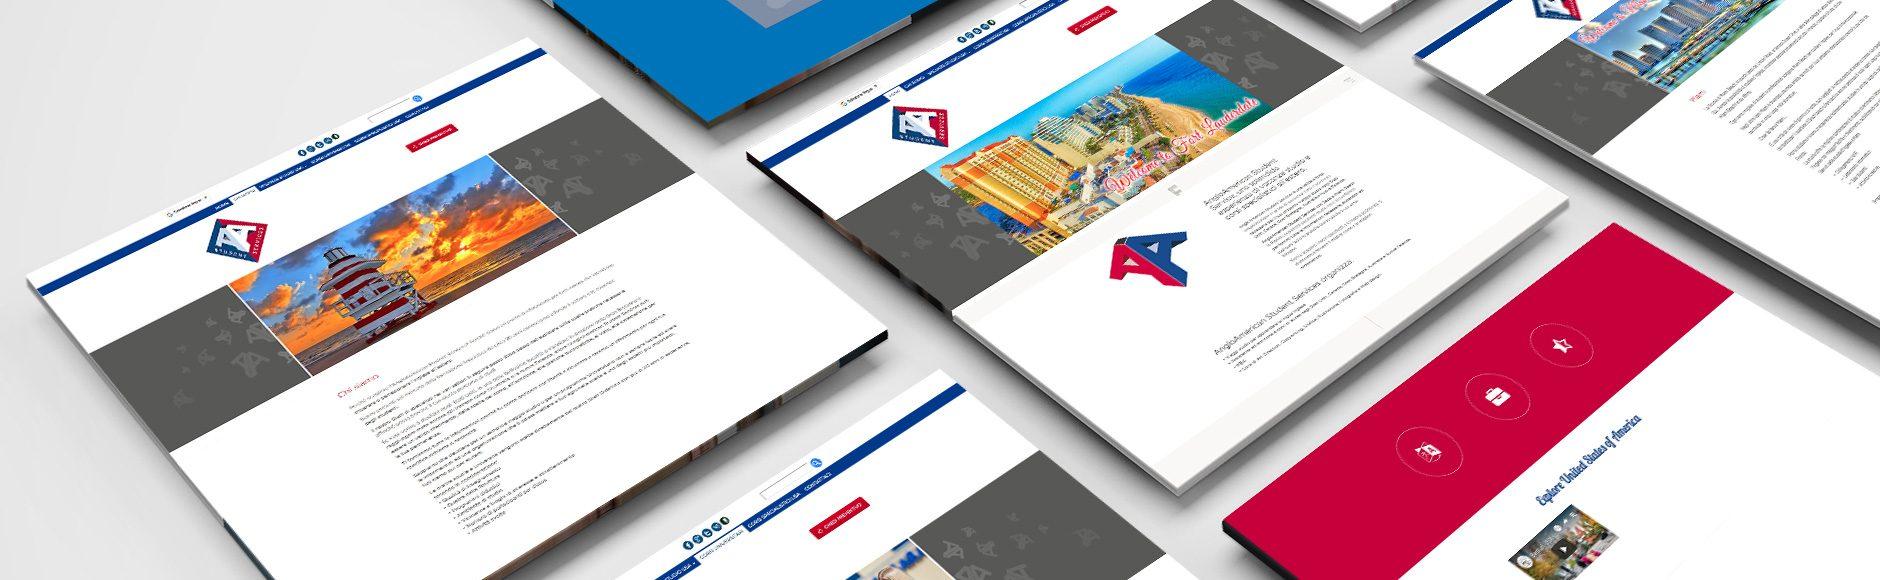 portfolio-angloamericanmiamischool-top